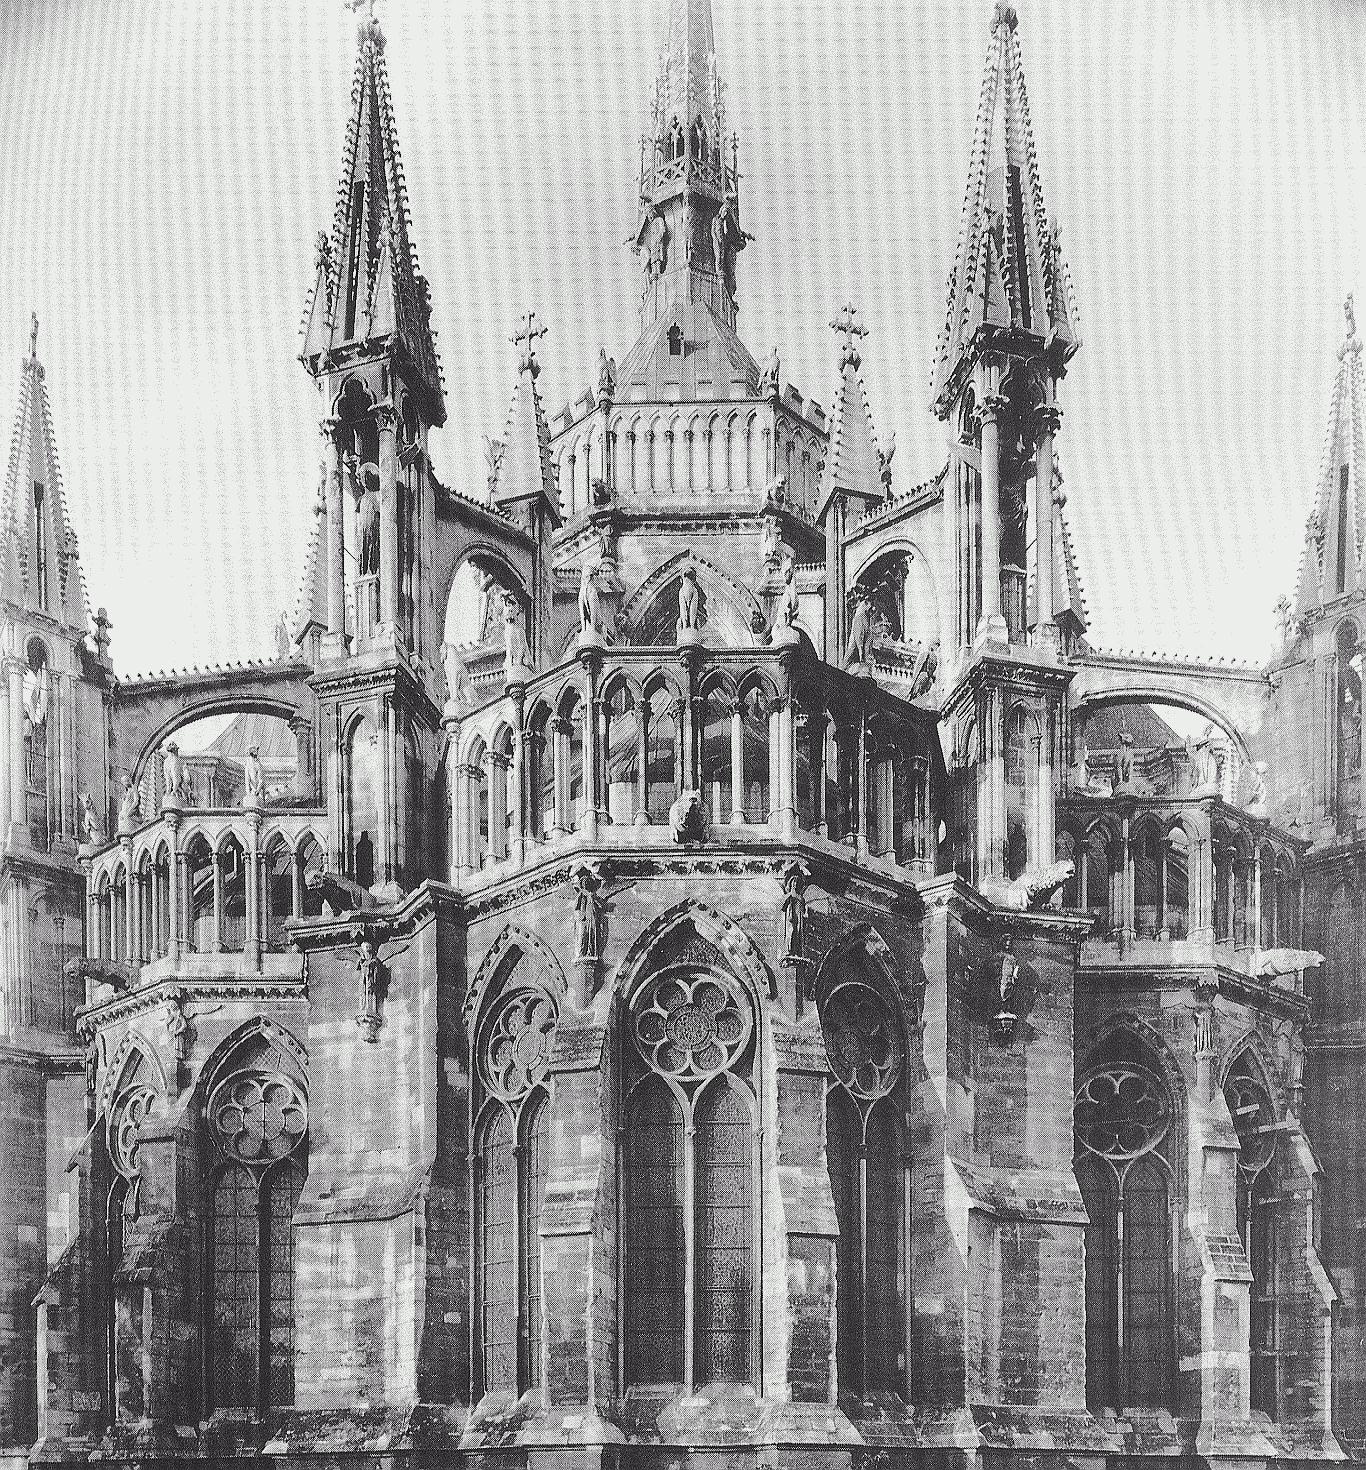 Wunderland bei nacht gotik - Architektur gotik ...